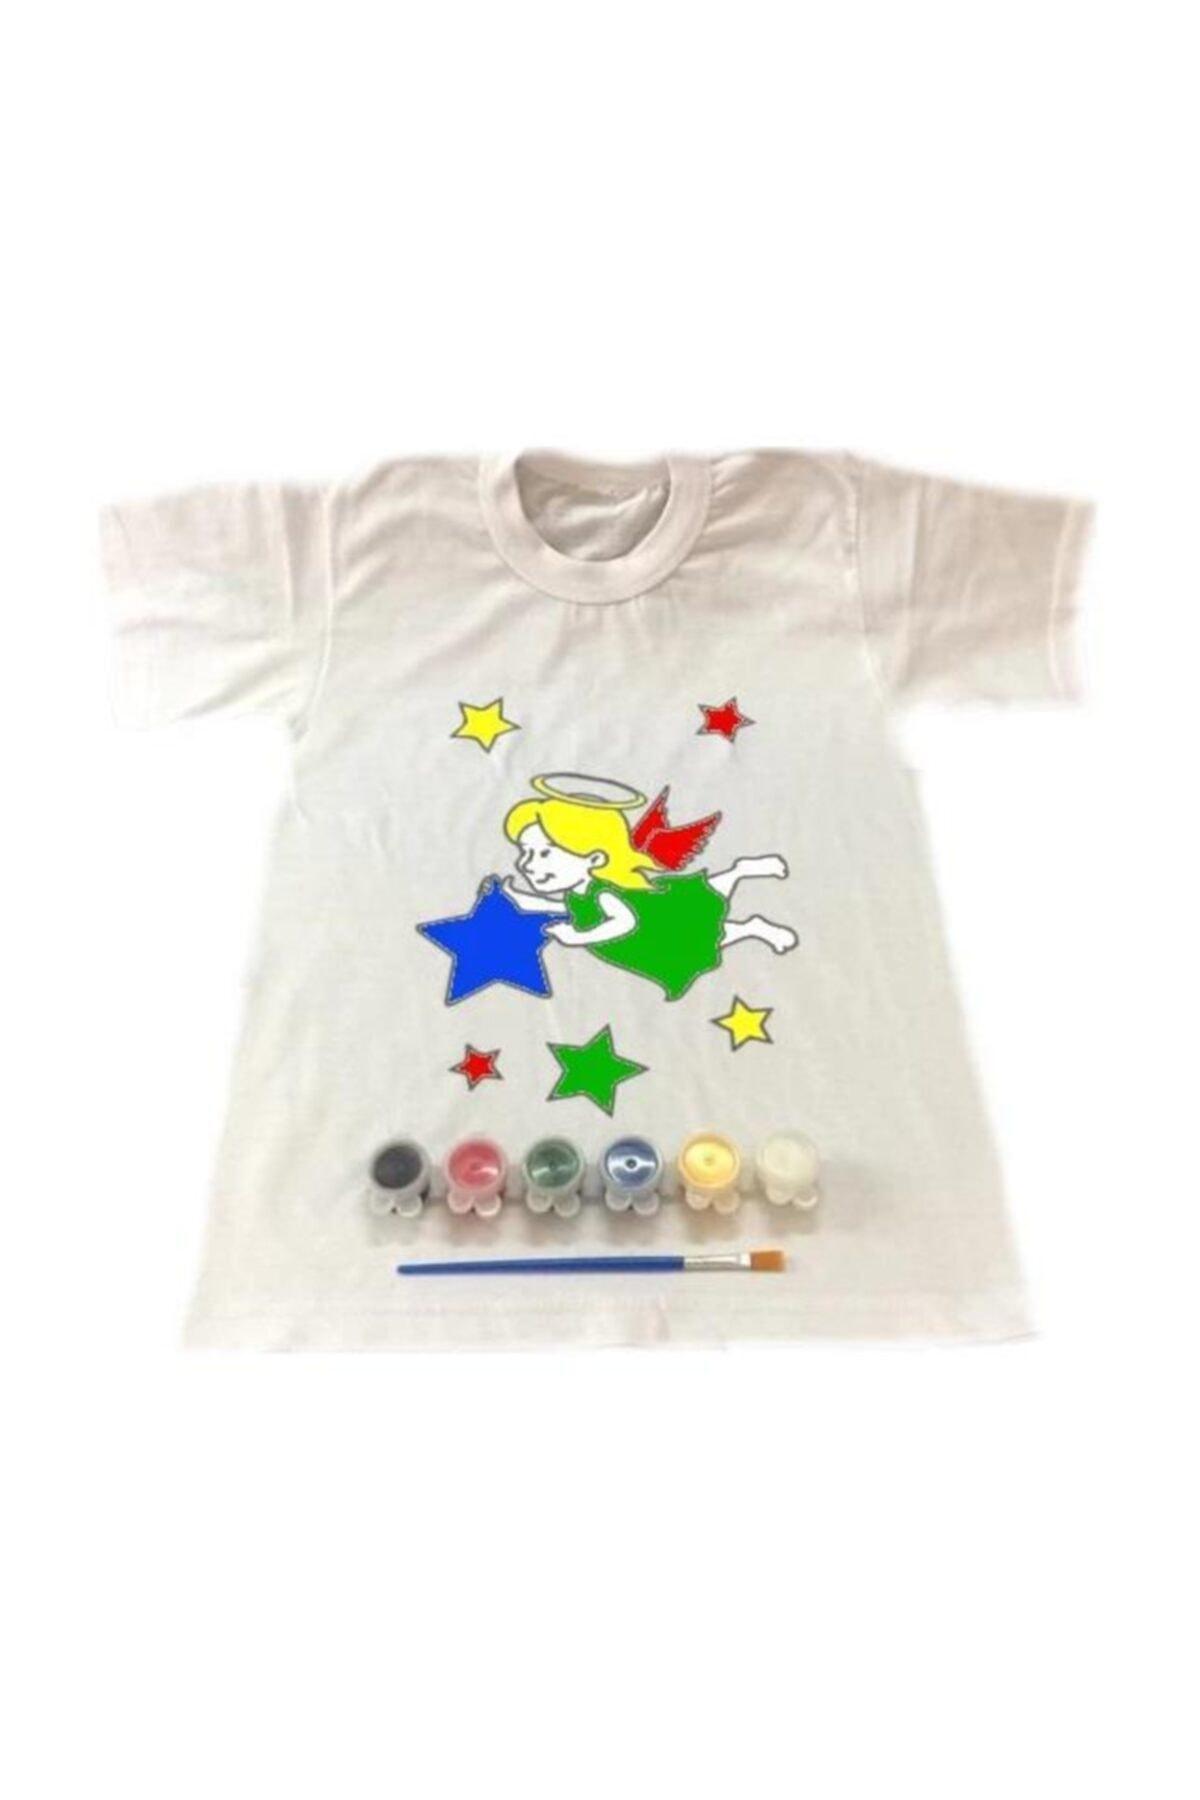 Joy and Toys 4-5 Yaş Tişört Boyama Seti+kumaş Boyama+melek Kız Desenli 2